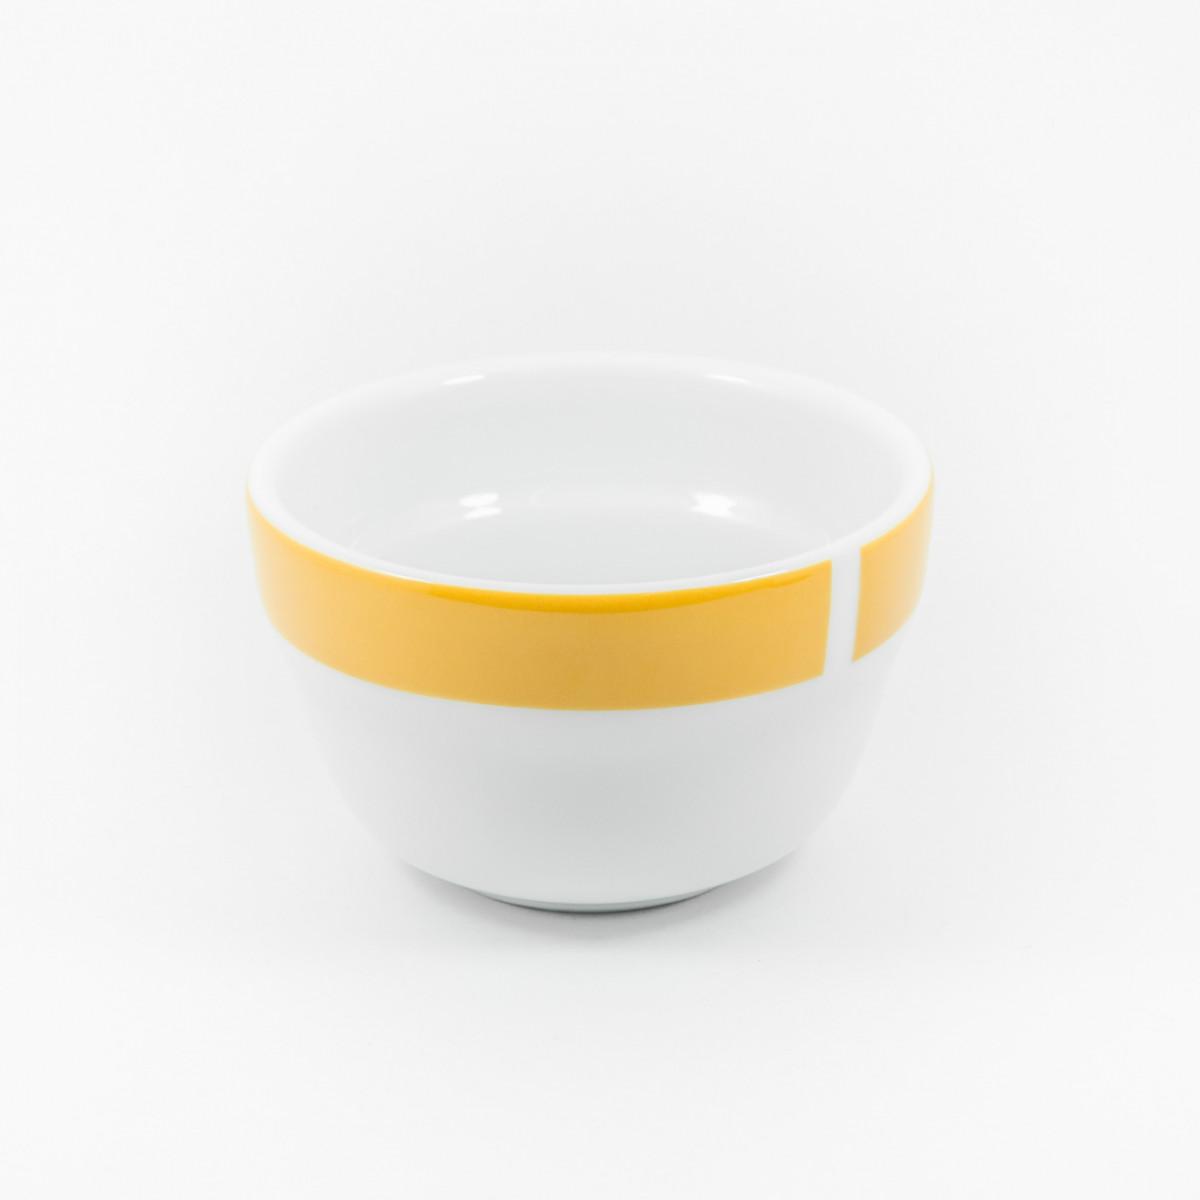 Ancap, CUPS MILLECOLORI AP-35862, Чашка фарфоровая для каппинга, желтая, 240 мл, высота 57 мм